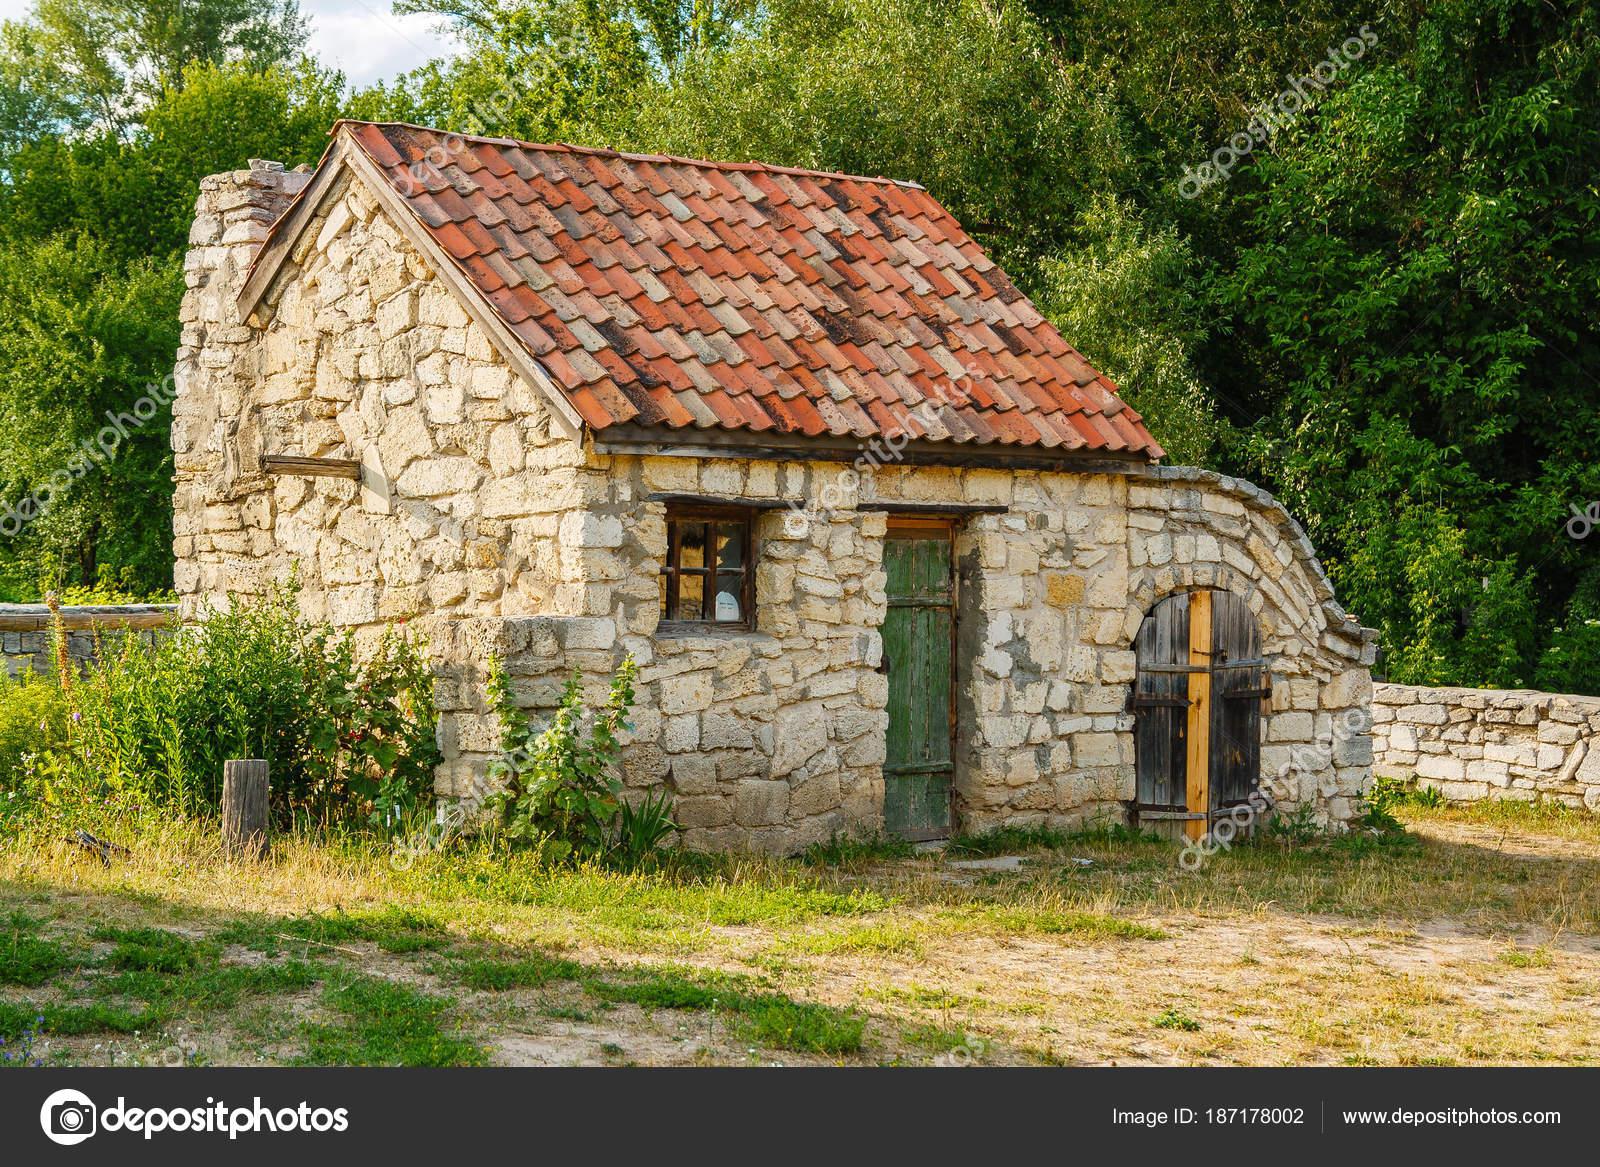 Antigua casa de piedra con techo de teja foto de stock for Decoracion de casas antiguas con techos altos